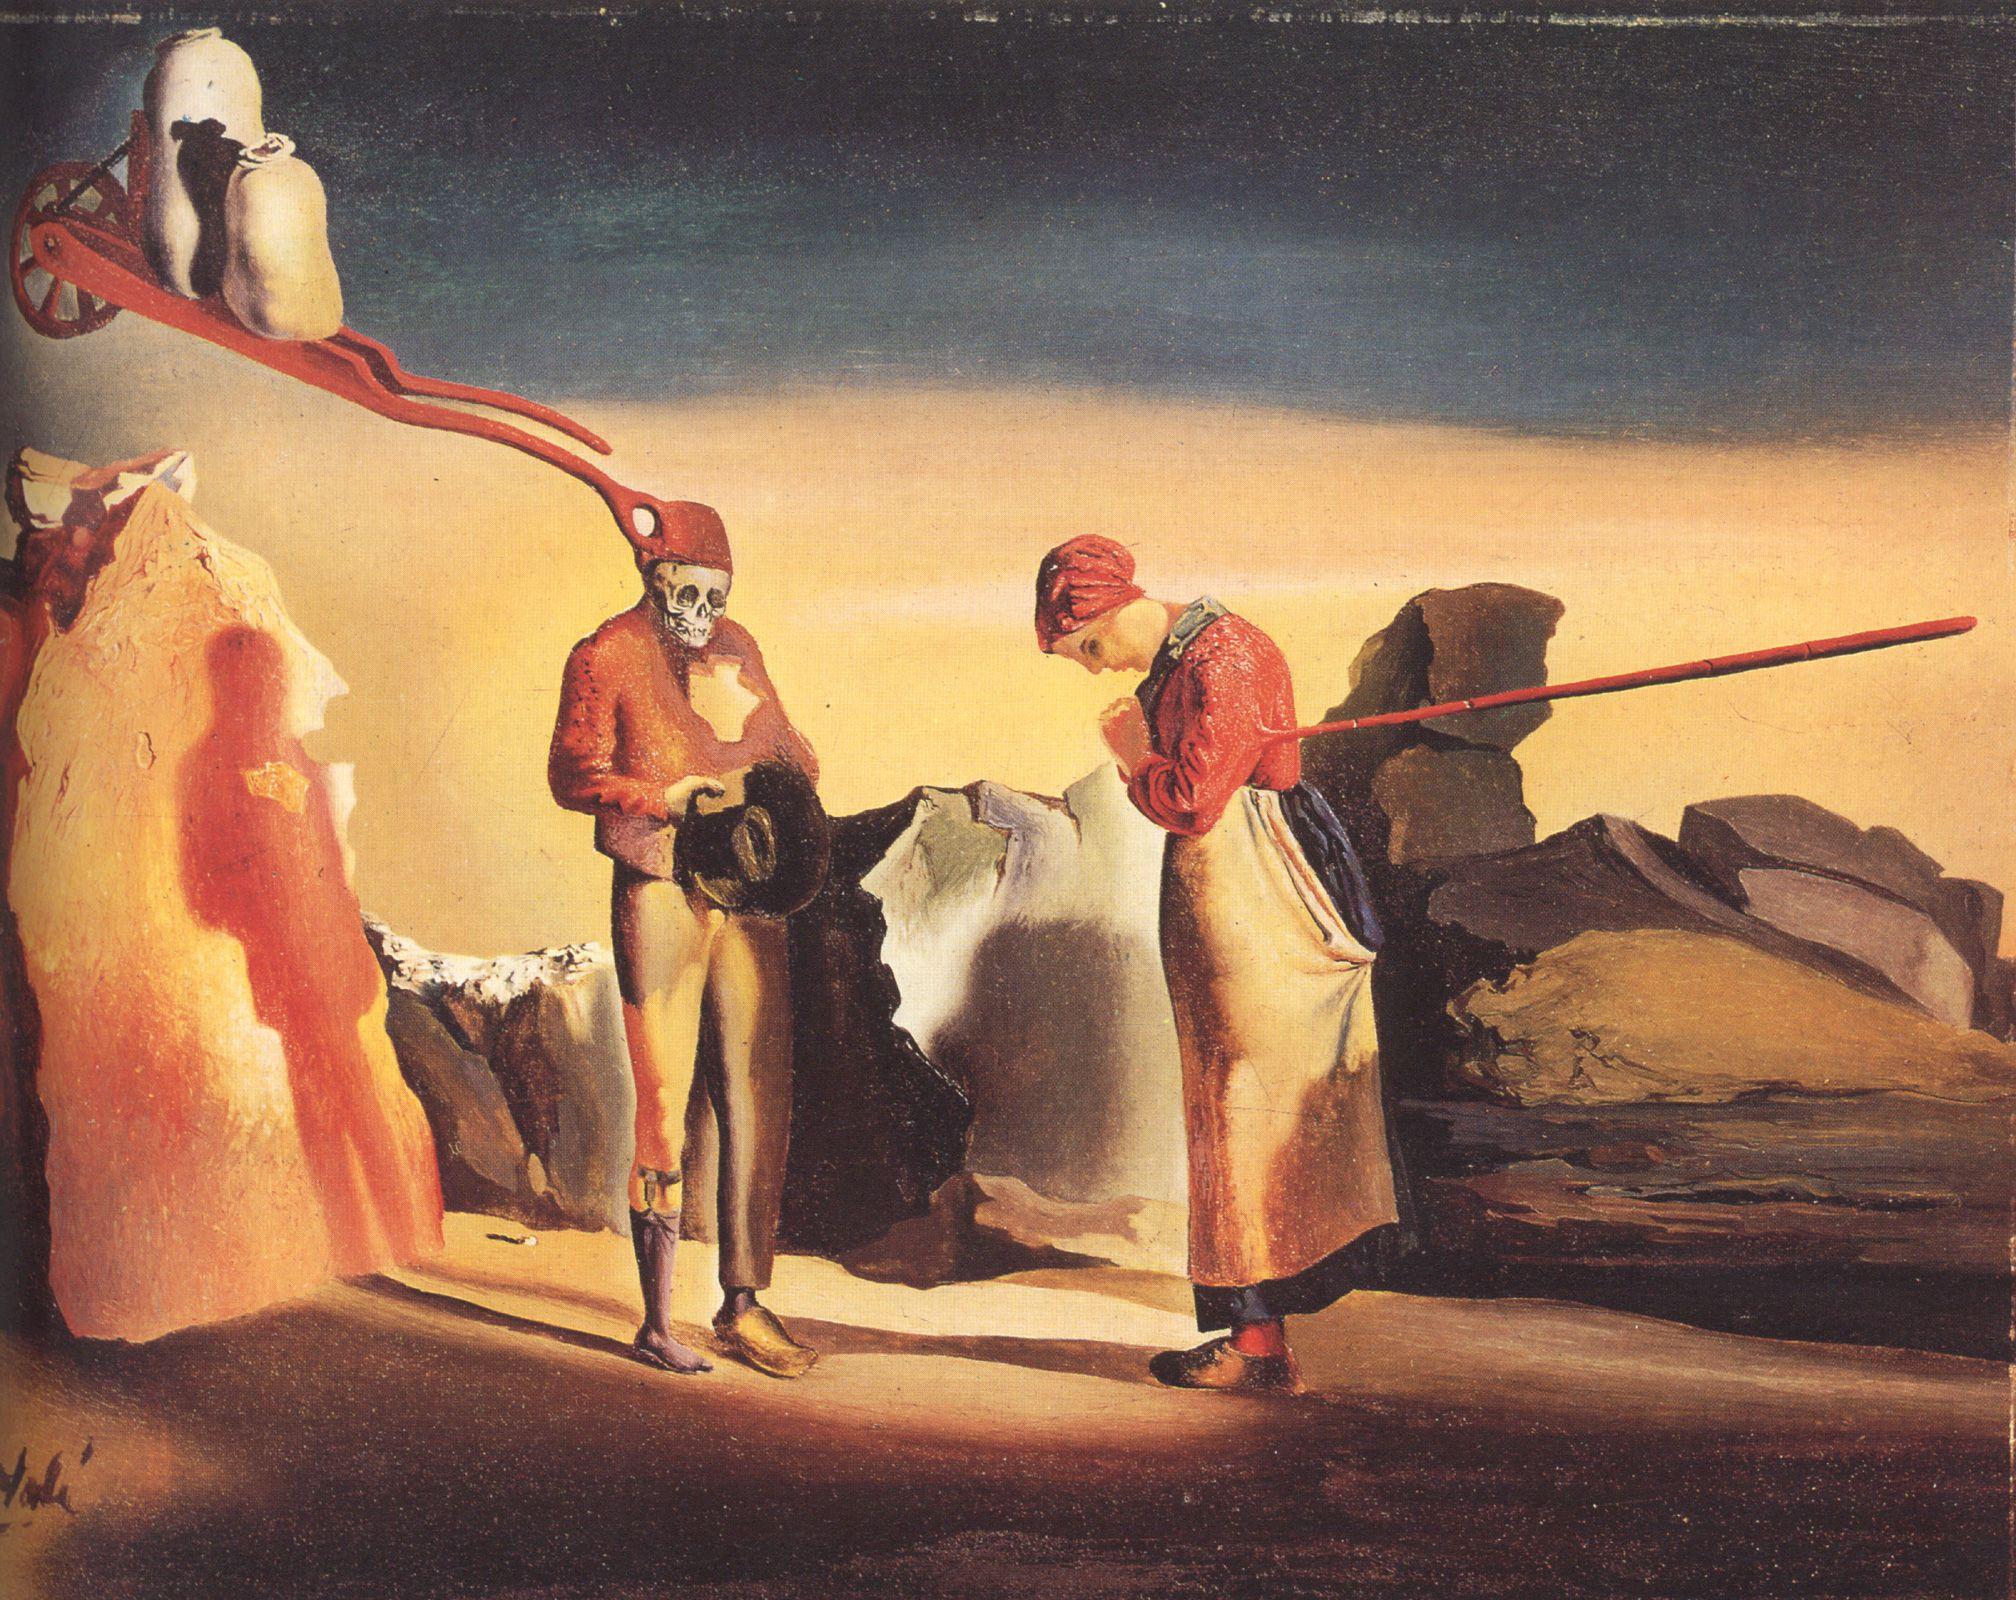 L'Atavisme du Crépuscule (1934) Salvador Dalí.